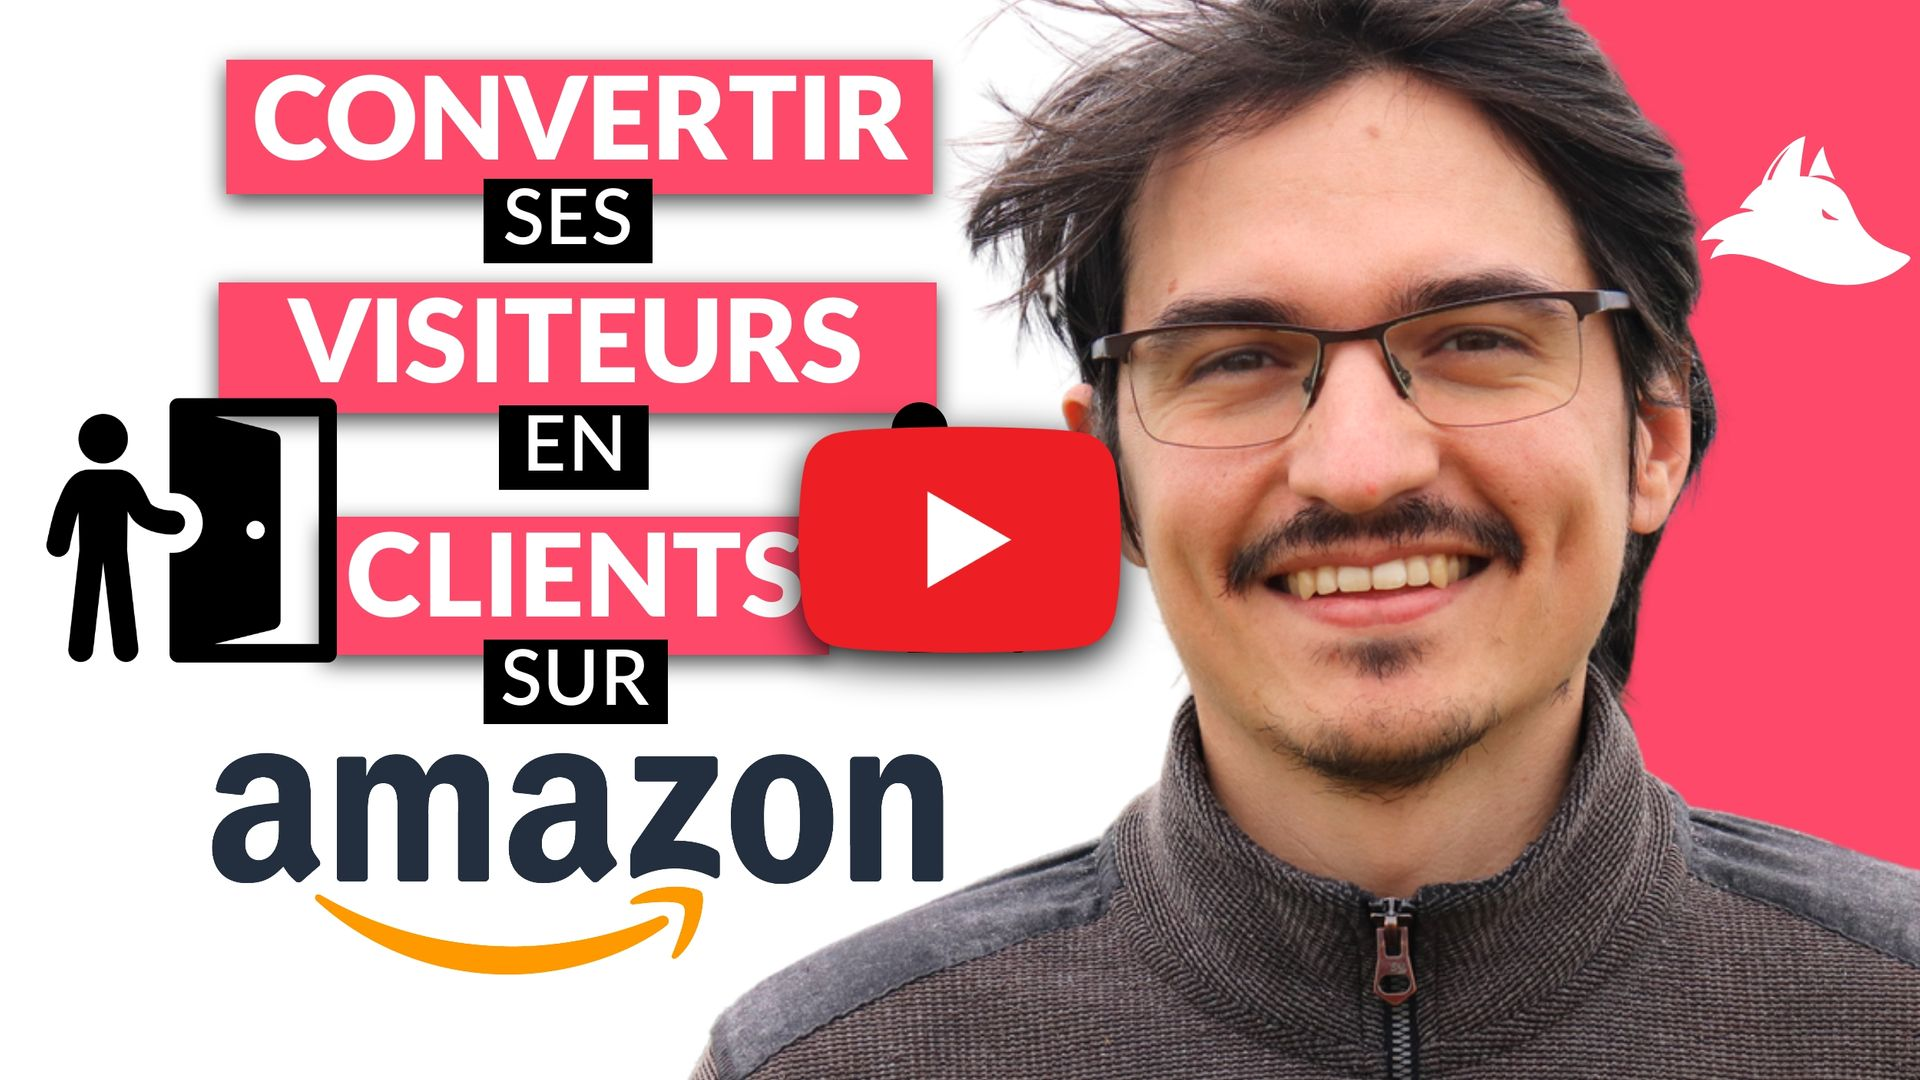 Convertir ses visiteurs en clients sur Amazon !